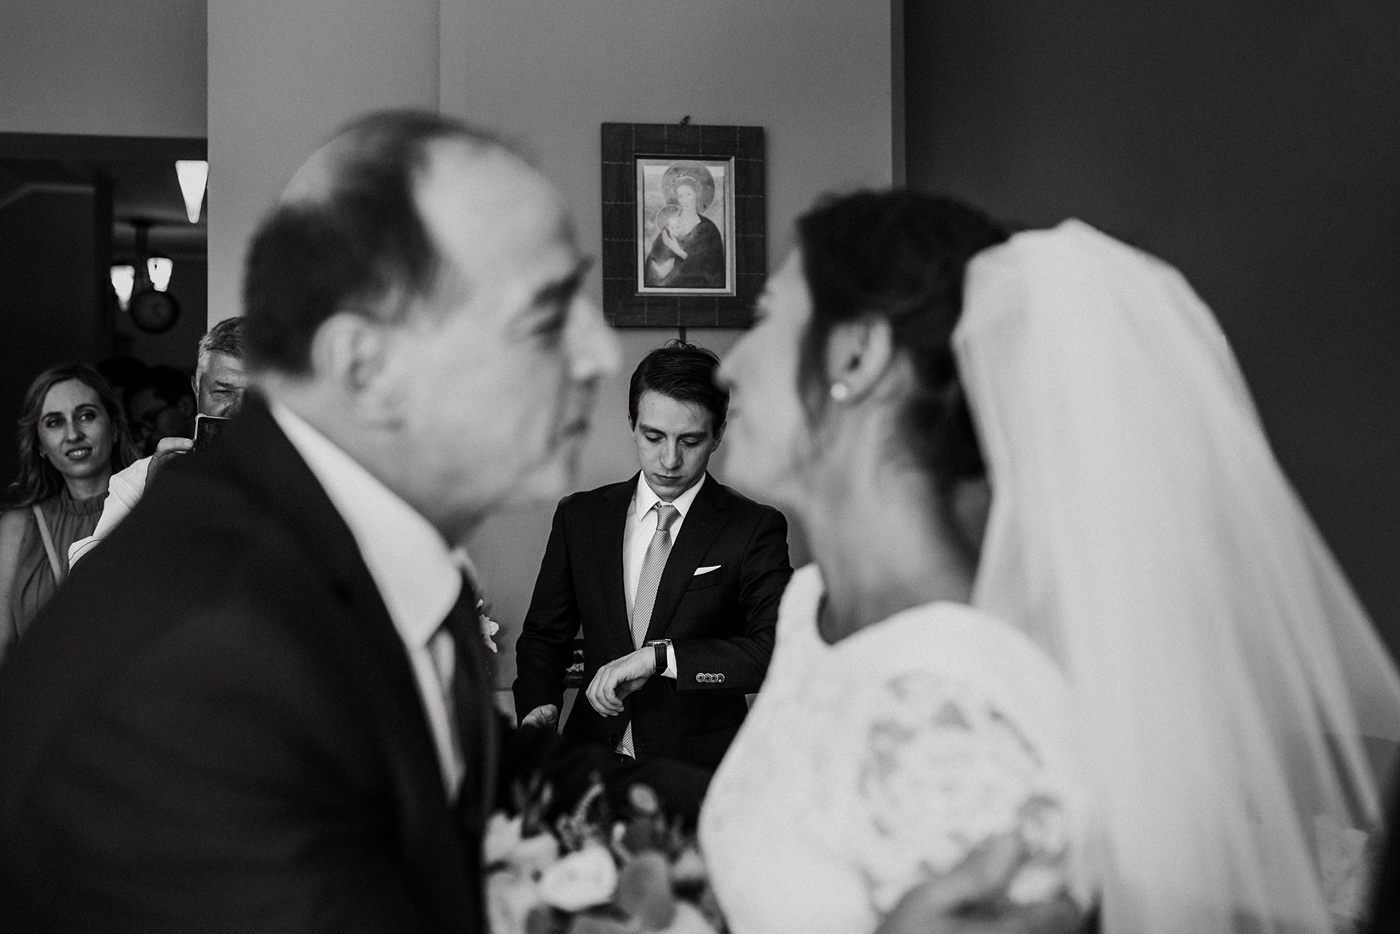 Dominika & Aleksander - Rustykalne wesele w stodole - Baborówko 33